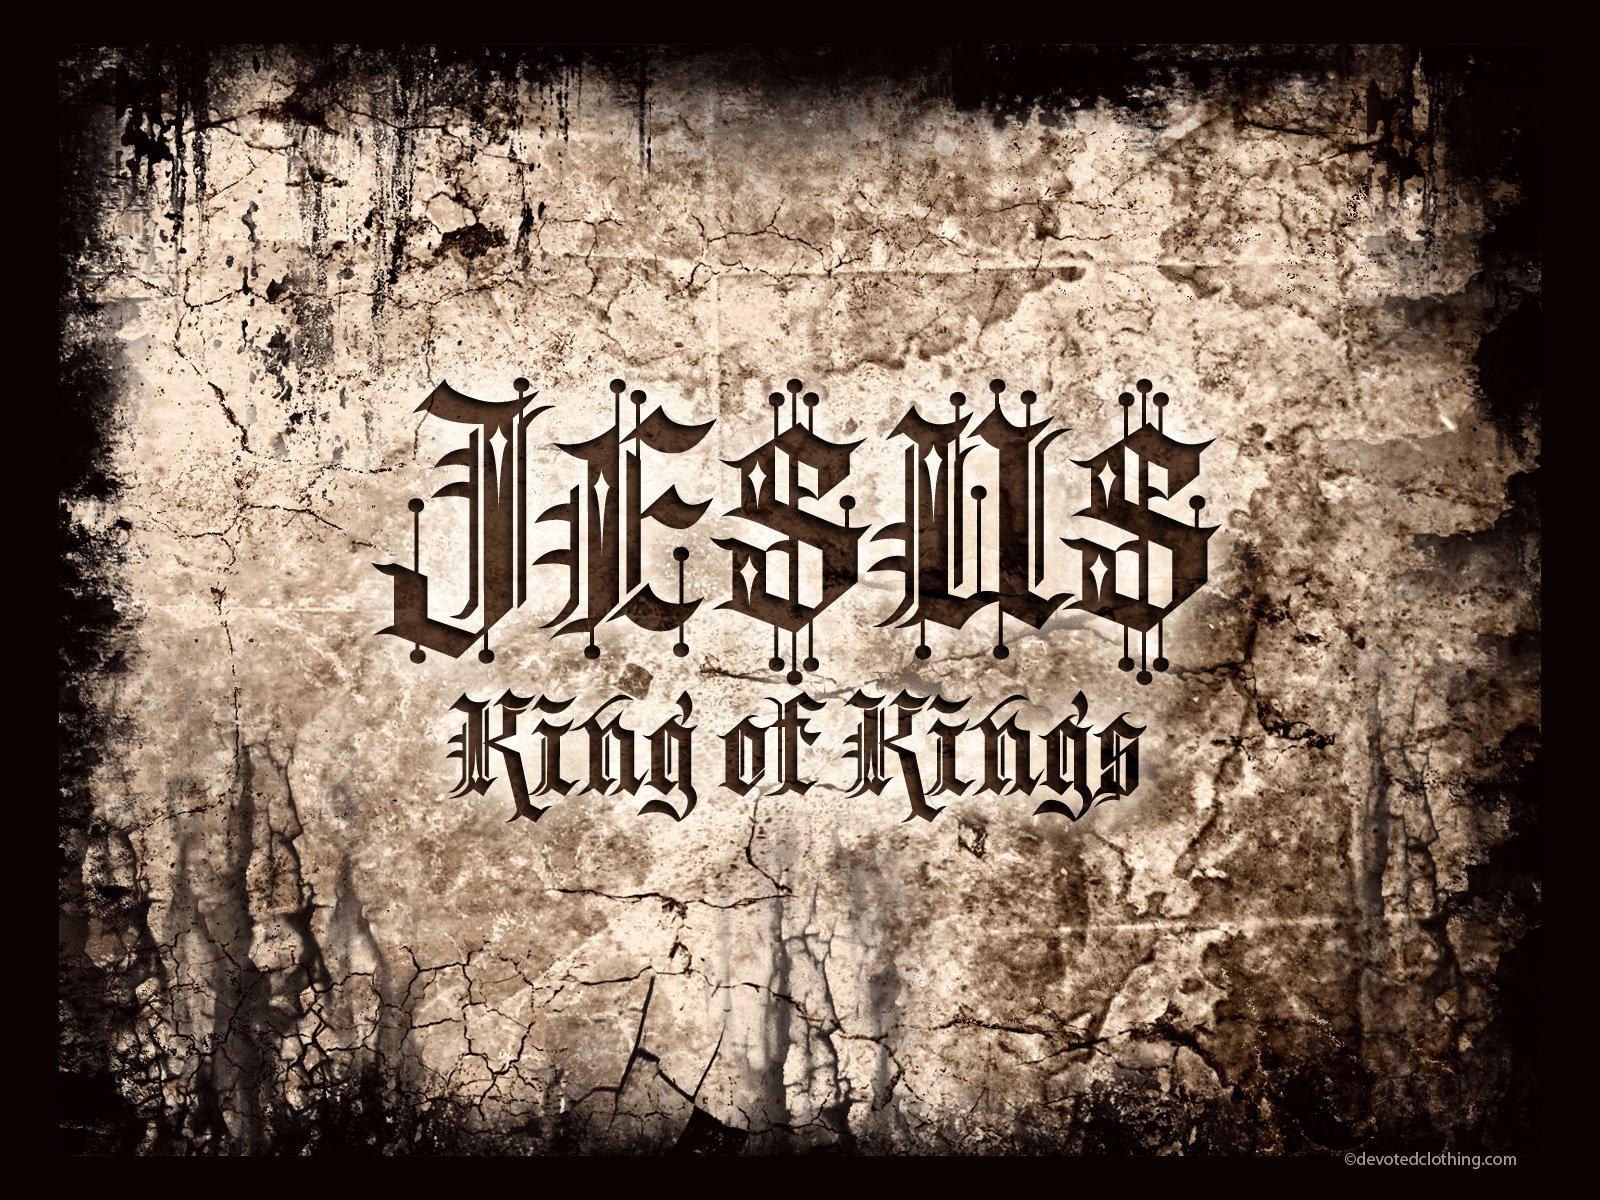 Jesus 4k Wallpaper Posted By Ryan Peltier